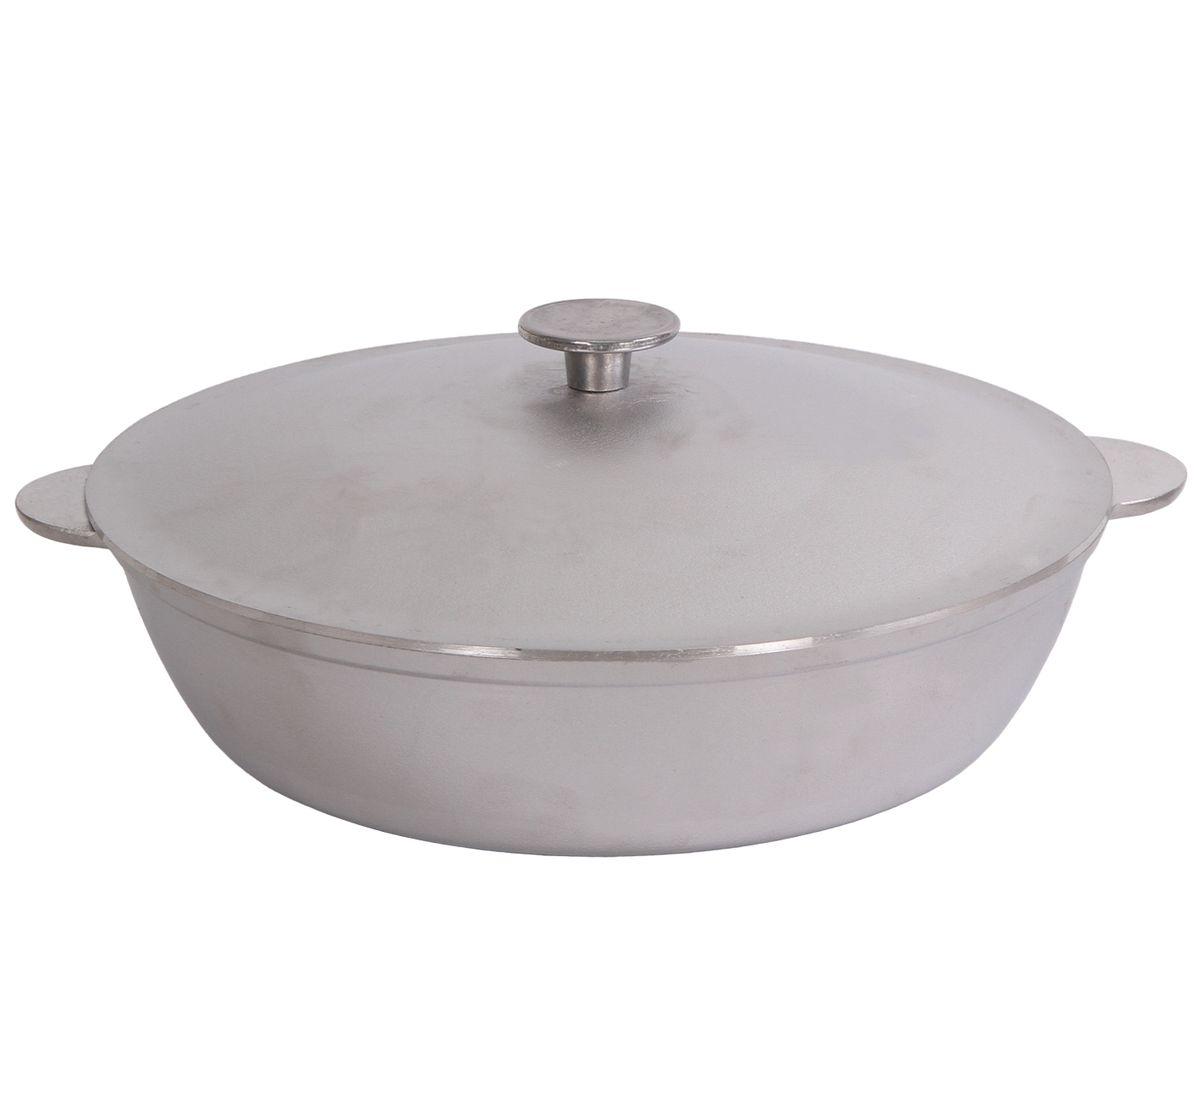 Сковорода, диаметр 30 см, с двумя алюминиевыми ручками и крышкой БИОЛ391602Сковорода Биол изготовлена из литого алюминия. Изделие оснащено плотно прилегающей крышкой, позволяющей сохранить аромат готовящегося блюда.Сковорода снабжена двумя эргономичными ручками и имеет рельефное дно. Нельзя оставлять приготовленную пищу в посуде для хранения. Сковороду можно использовать на всех типах плит, кроме индукционных. Рекомендовано мыть вручную. Высота стенки: 6,2 см.Диаметр (по верхнему краю): 30 см.Ширина (с учетом ручек): 36,2 см.